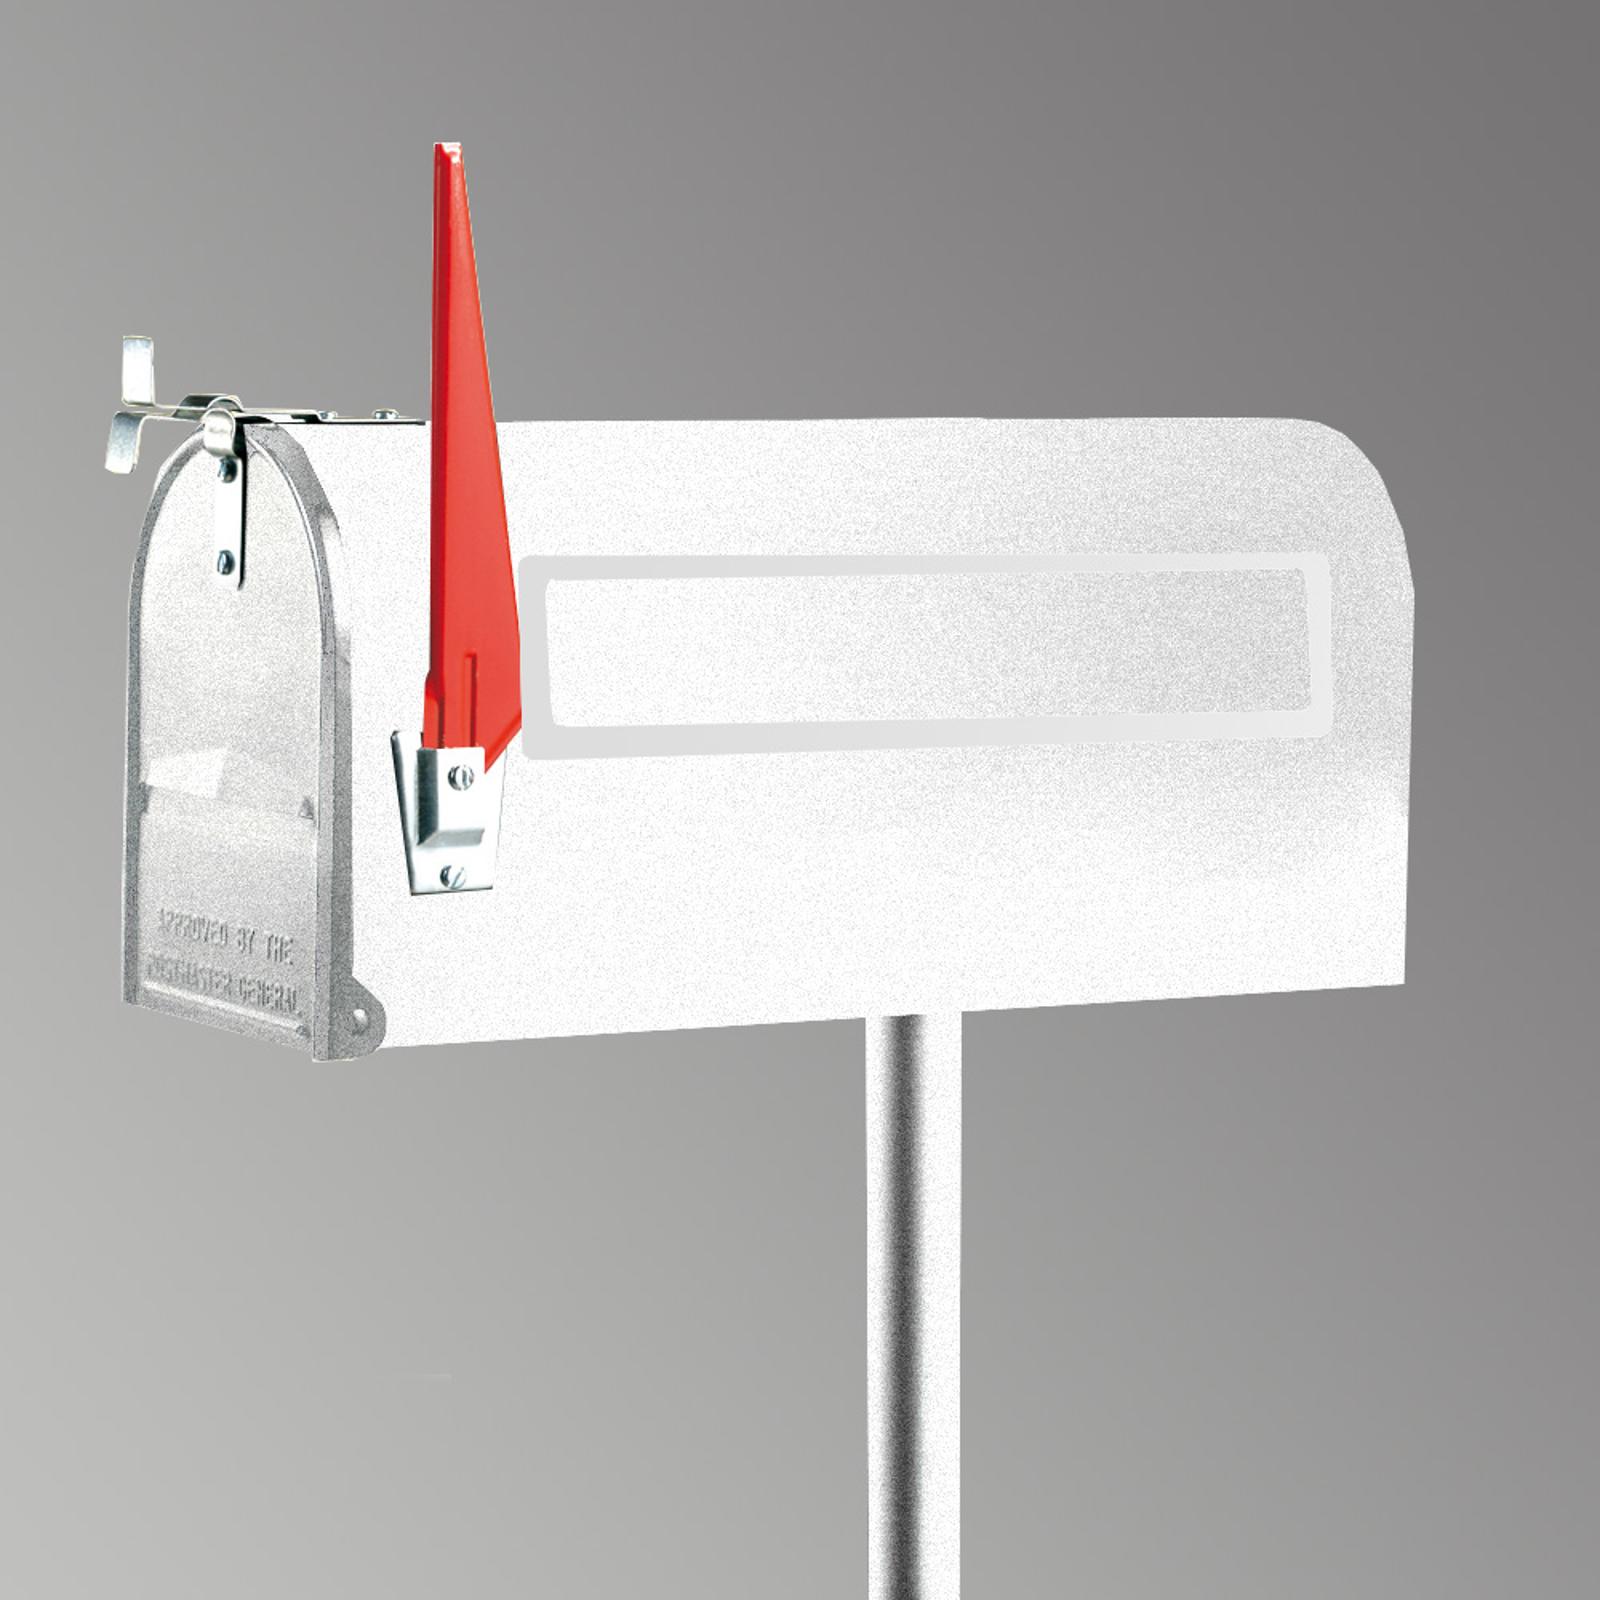 U.S. Mailbox mit schwenkbarer Fahne, weiß